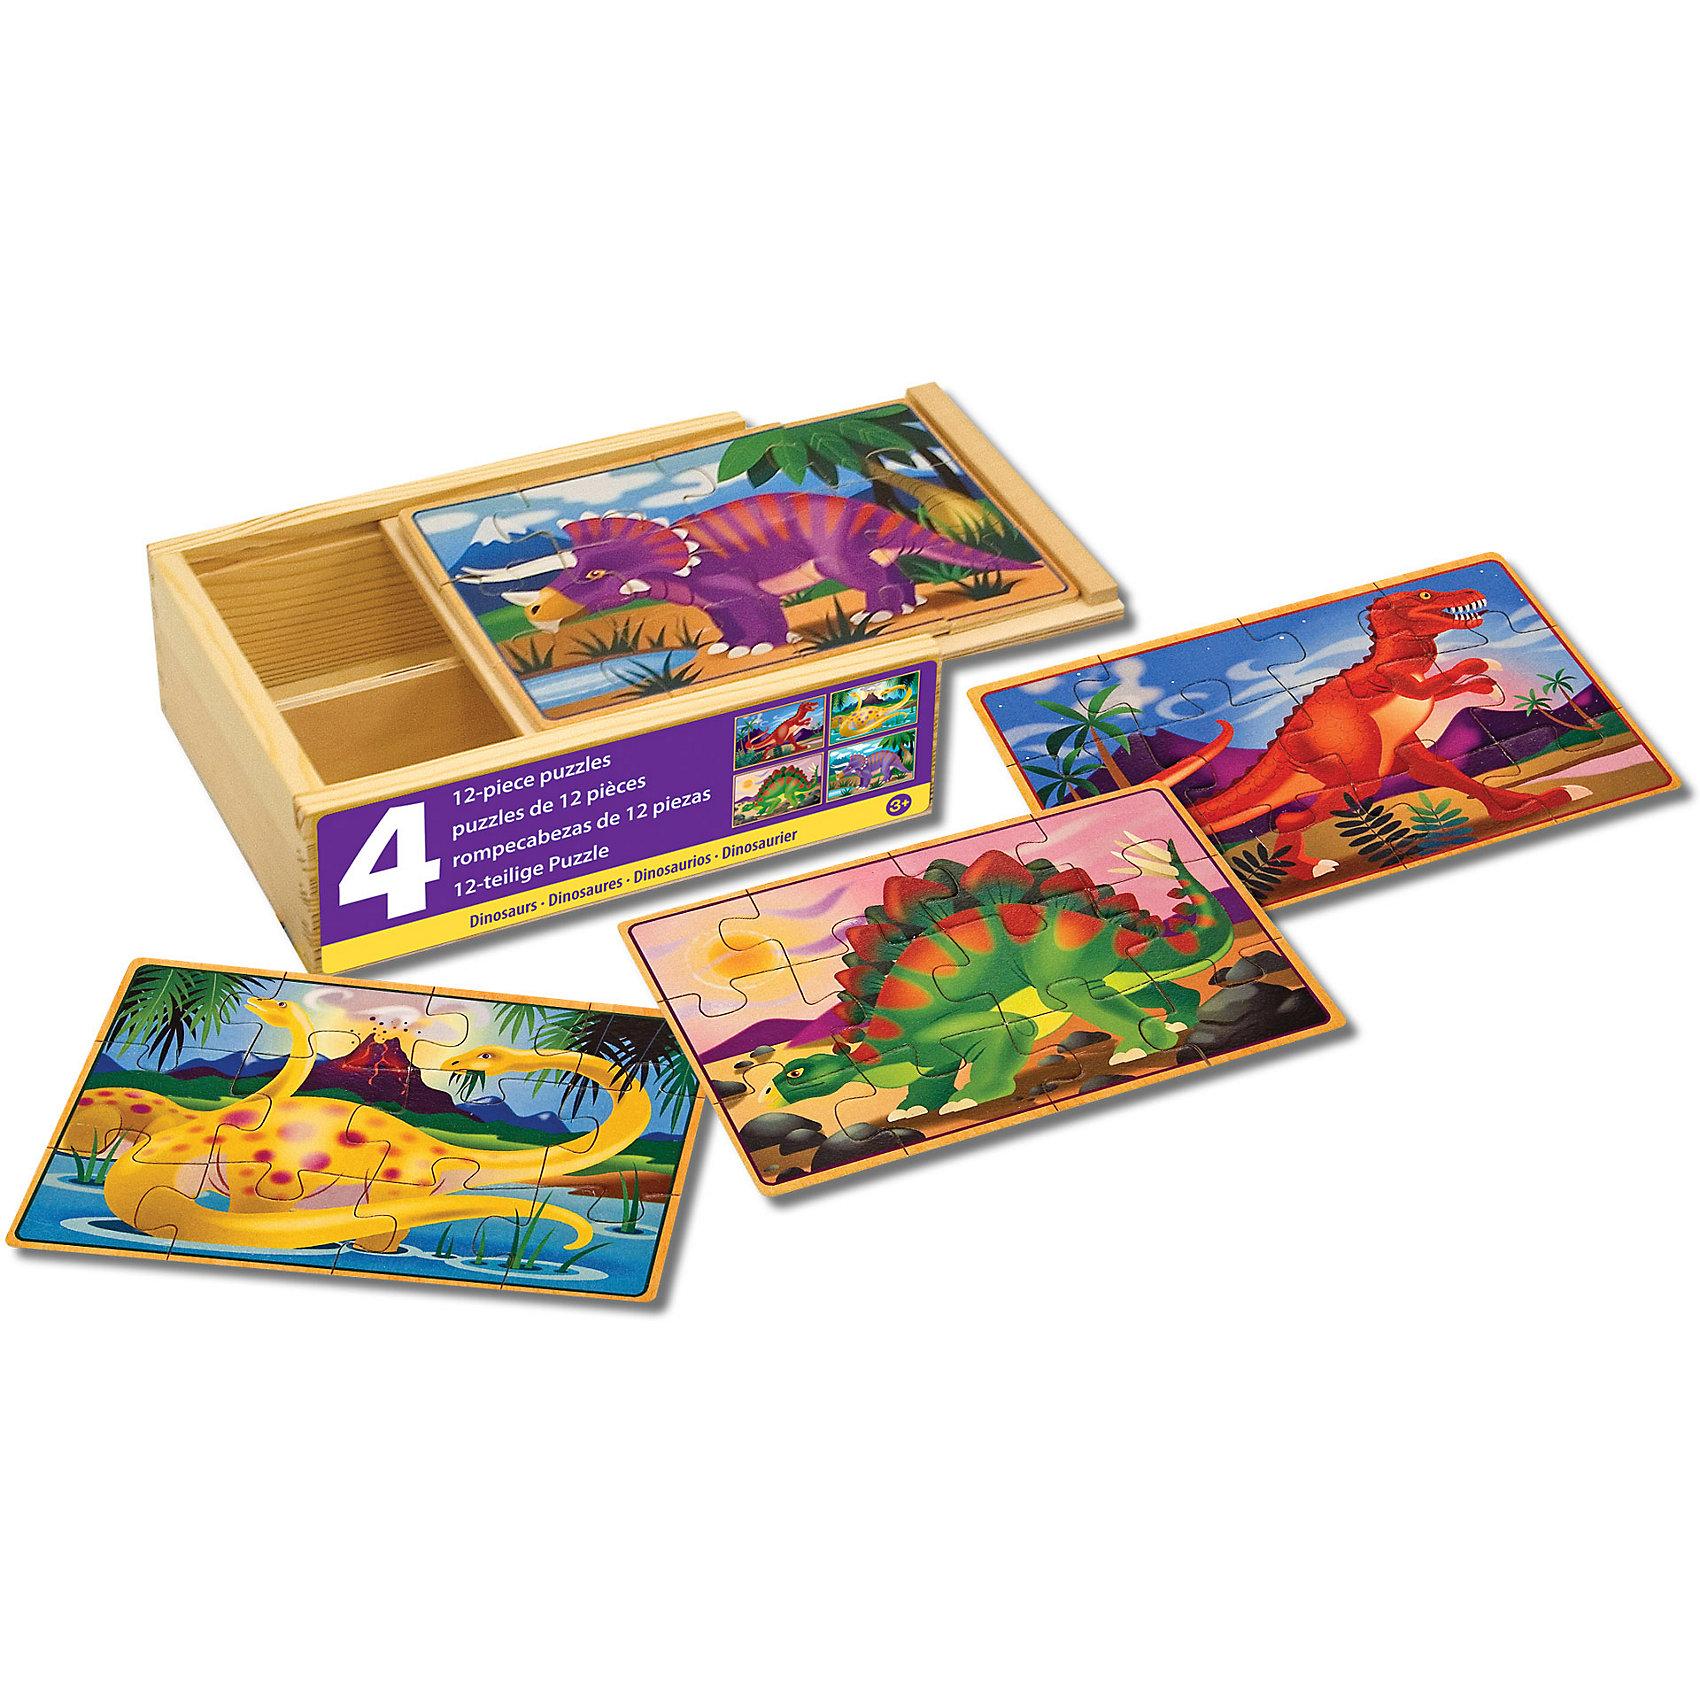 Деревянные пазлы Динозавры, 4х12, Melissa &amp; DougДеревянные пазлы<br>Пазлы - отличная игра! Они активно развивают пространственно-образное мышление и мелкую моторику, учат составлять целое из нескольких частей, активизируют логику и воображение. Деревянные пазлы Динозавры от ведущего мирового производителя детских игрушек - компании Melissa &amp; Doug обладают следующими особенностями:<br>- экологически чистые материалы, приятные на ощупь, безопасные красители;<br>- яркие цвета;<br>- 4 изображения: трицератопс, Т-Рекс, стегозавр и апатозавр; <br>- каждая картинка состоит из 12 частей и обладает своей уникальной кодировкой на обратной стороне, что существенно облегчает сортировку;<br>- прочный деревянный ящик с 4 отсеками - для каждого динозавра свой.<br>Замечательная игра для детей и взрослых!<br><br>Дополнительная информация:<br>- Вес: 453 гр;<br>- Габариты: 150х190х60 мм;<br>- Рекомендуемый возраст: от 1 года с участием взрослых. <br><br>Деревянные пазлы Динозавры Melissa &amp; Doug можно купить в нашем магазине<br><br>Ширина мм: 150<br>Глубина мм: 190<br>Высота мм: 60<br>Вес г: 453<br>Возраст от месяцев: 36<br>Возраст до месяцев: 72<br>Пол: Унисекс<br>Возраст: Детский<br>Количество деталей: 12<br>SKU: 3927705